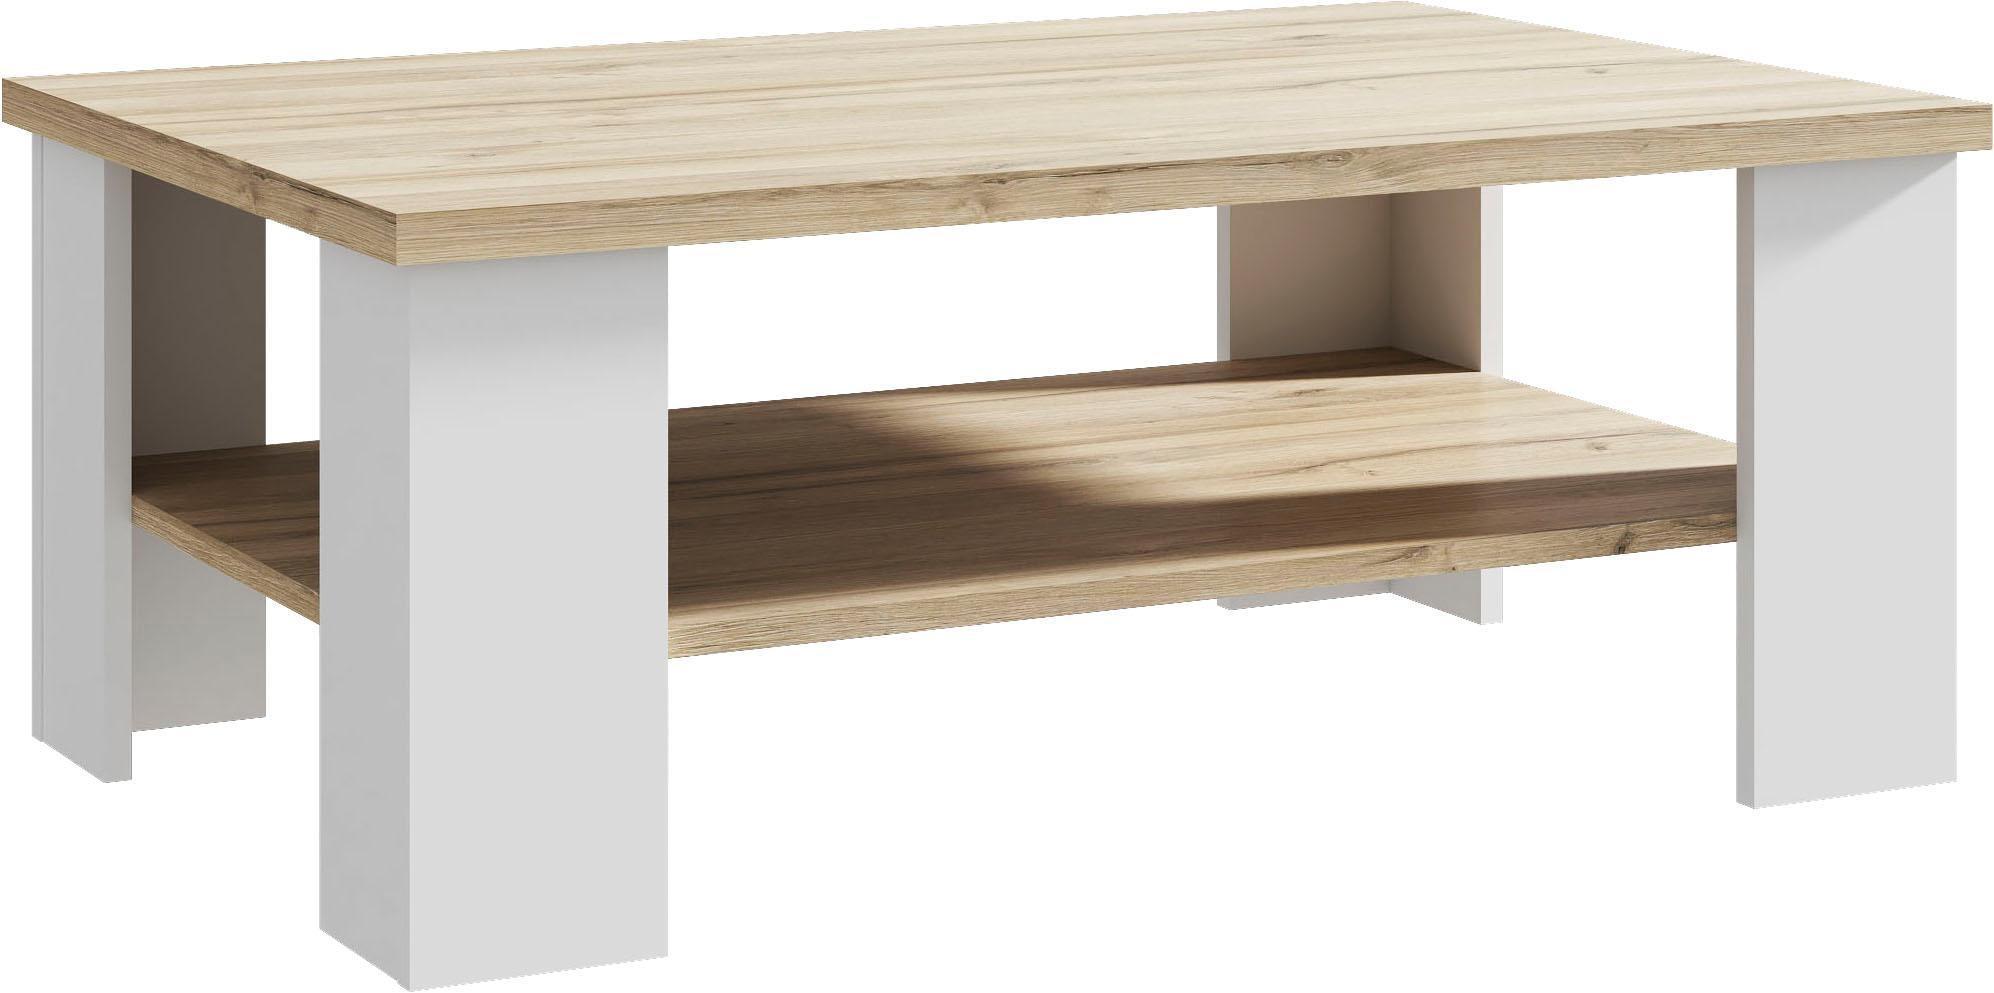 Forte Couchtisch Mit Funktion Drehbare Tischplatte